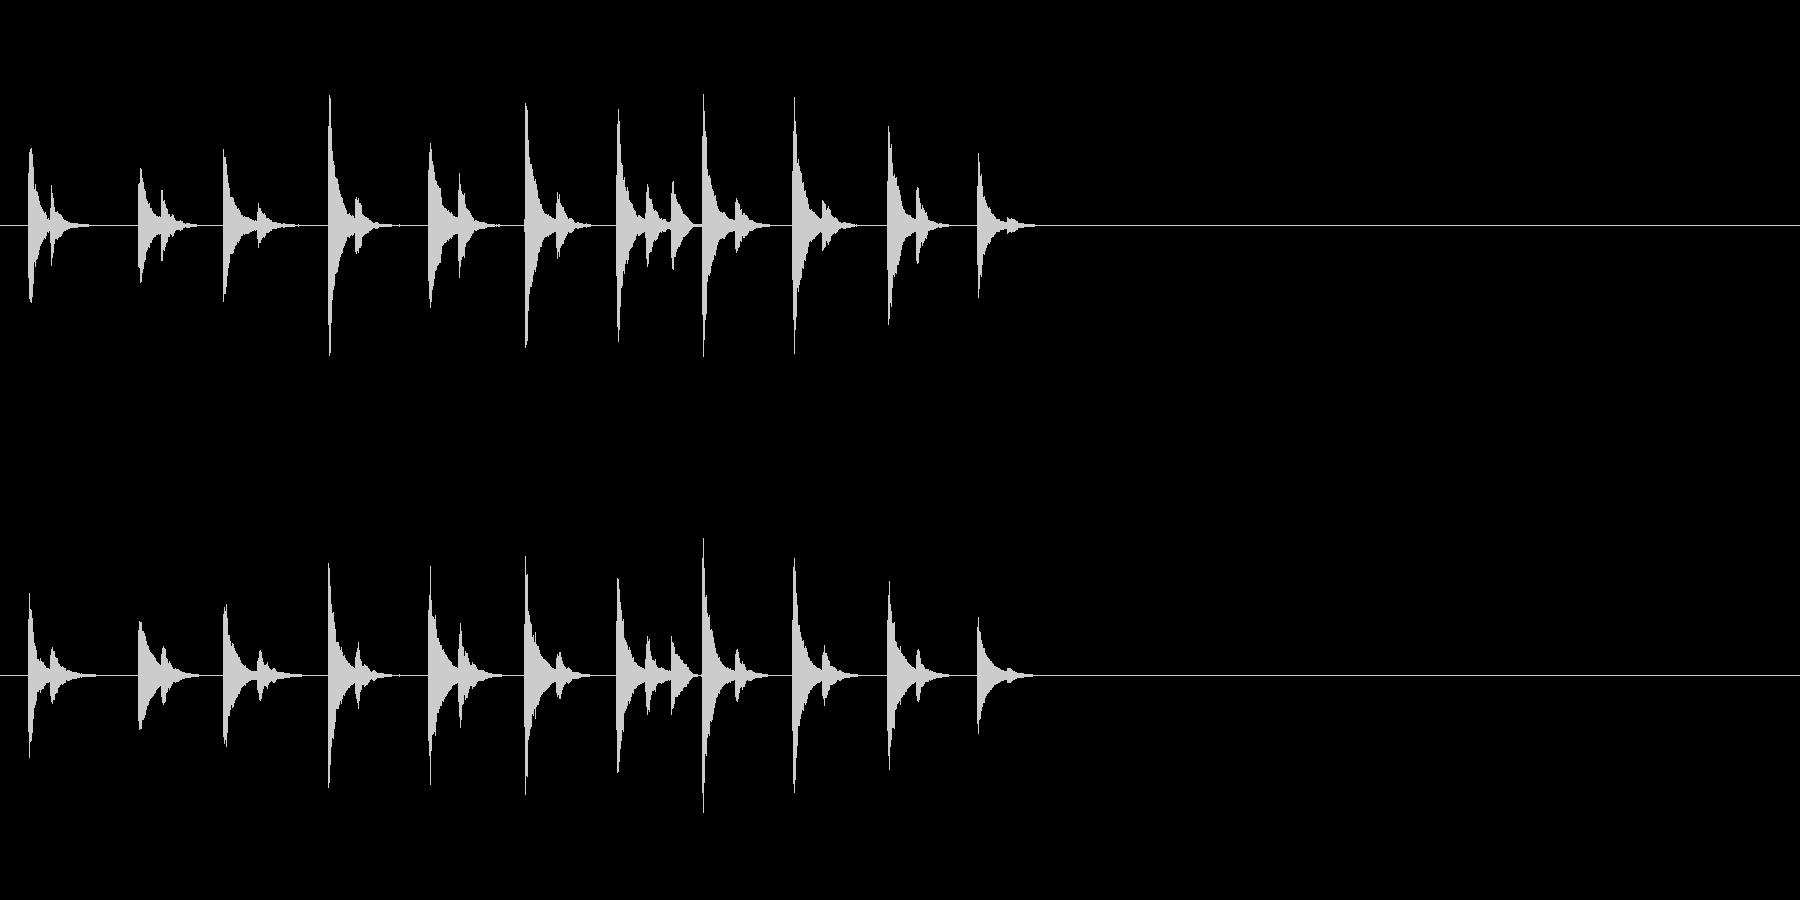 カンカンカン!ある飾り物の金属音の未再生の波形